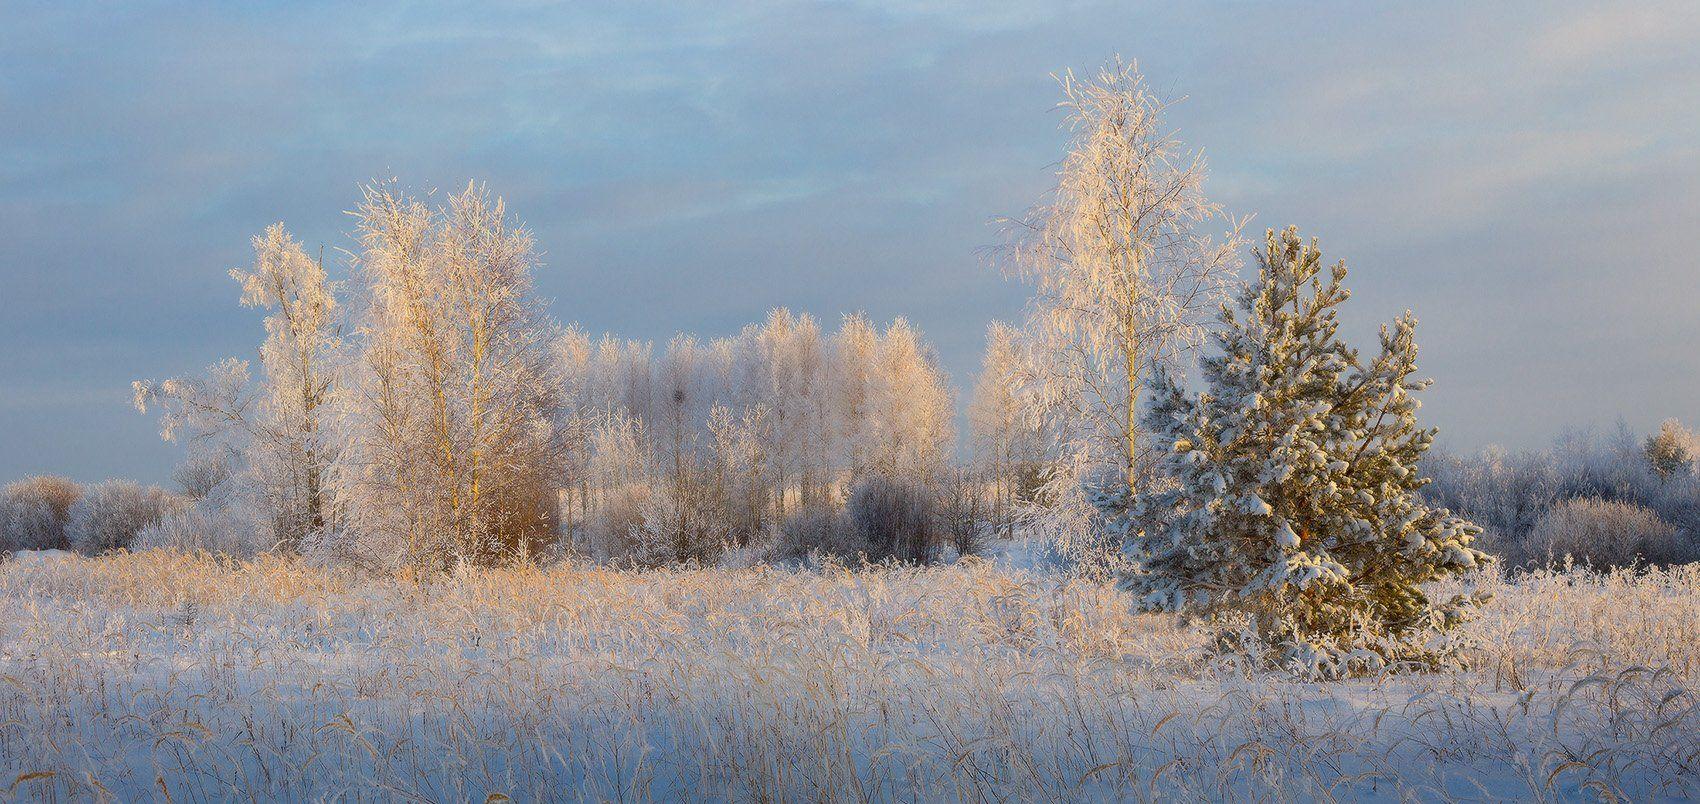 утро мороз солце, Дмитрий Алексеев